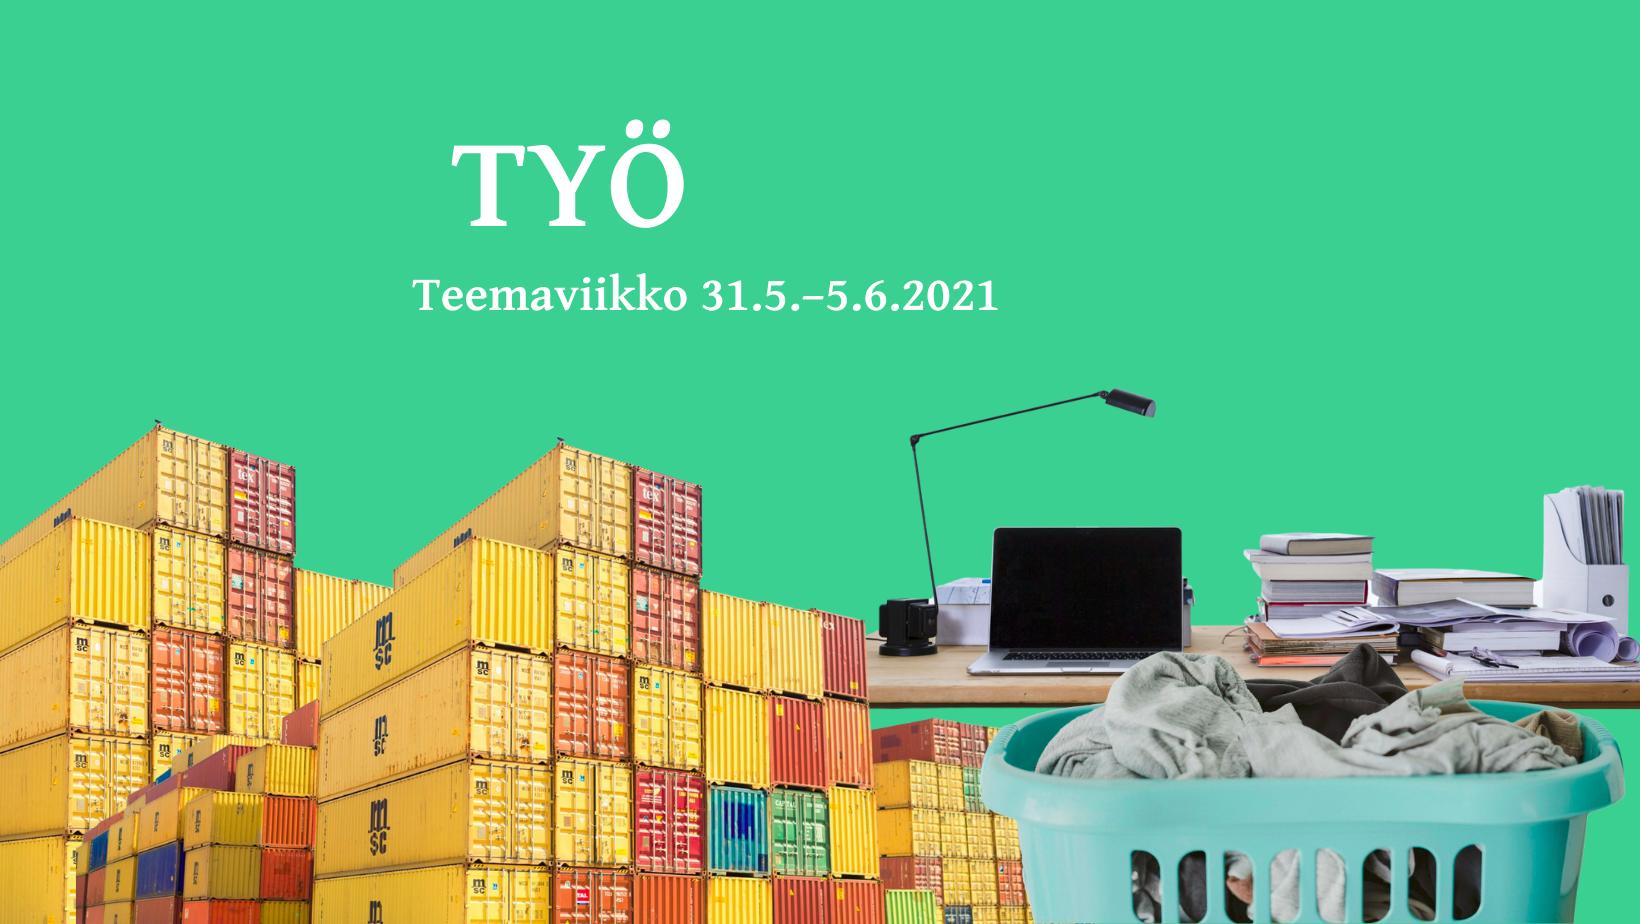 """Vihreällä taustalla valkoinen teksti """"Työ. Teemaviikko 31.5.-5.6.2021"""". Kuvan alalaidassa on värikkäitä kontteja, läppäri ja papereita työpöydän päällä ja pyykkejä pyykkikorissa."""